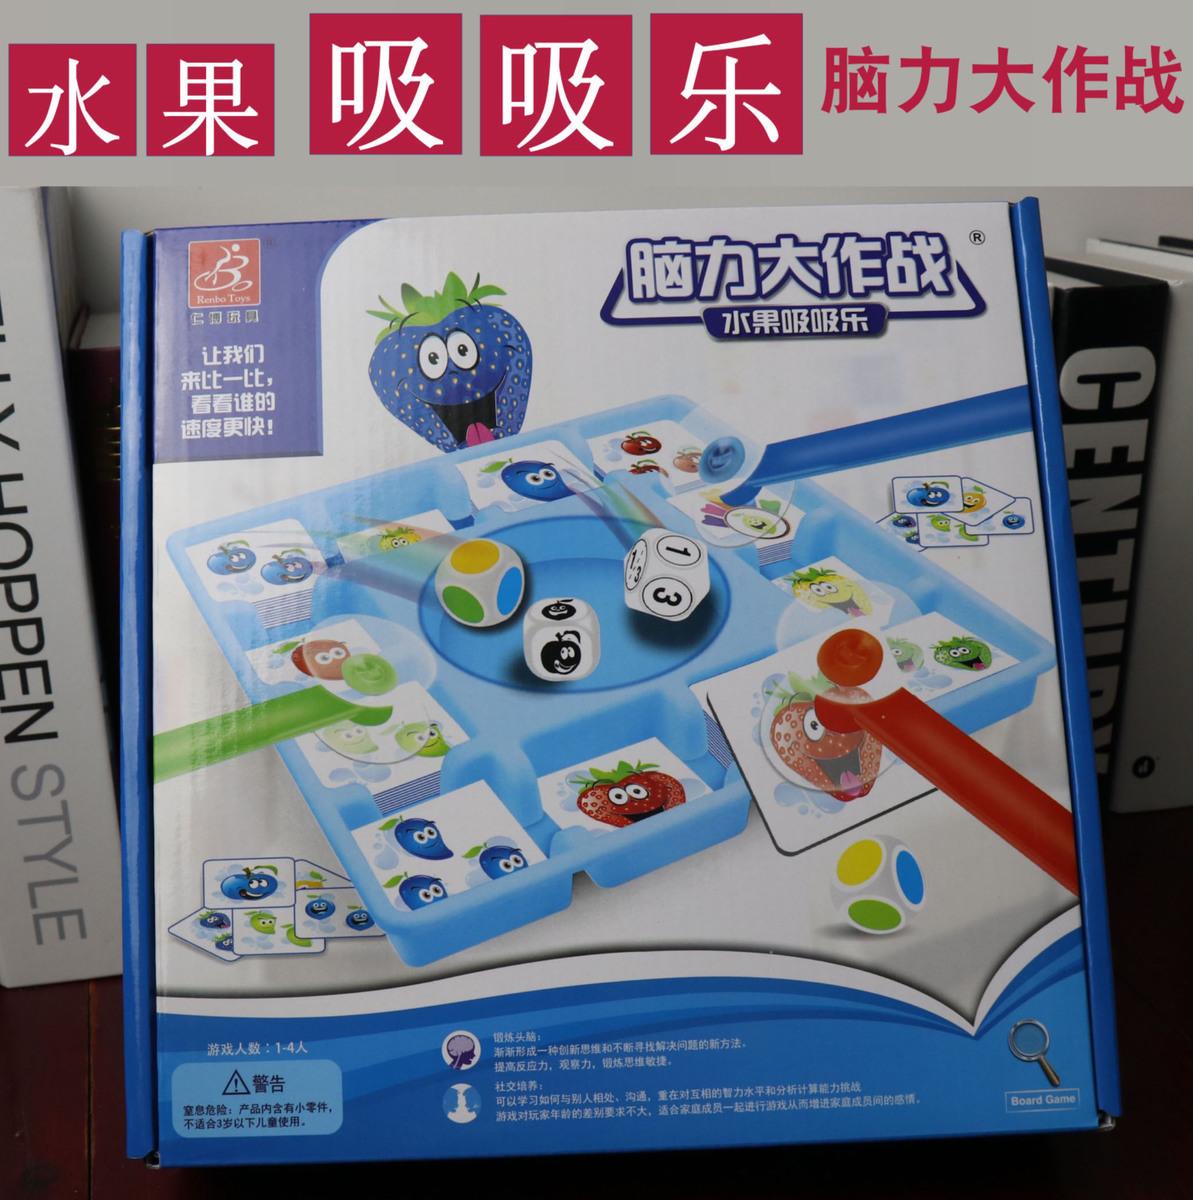 Настольная игра фрукты сосание фрукты палочка мозг большой боевая головоломка родитель-ребенок игрушка логическое мышление обучение